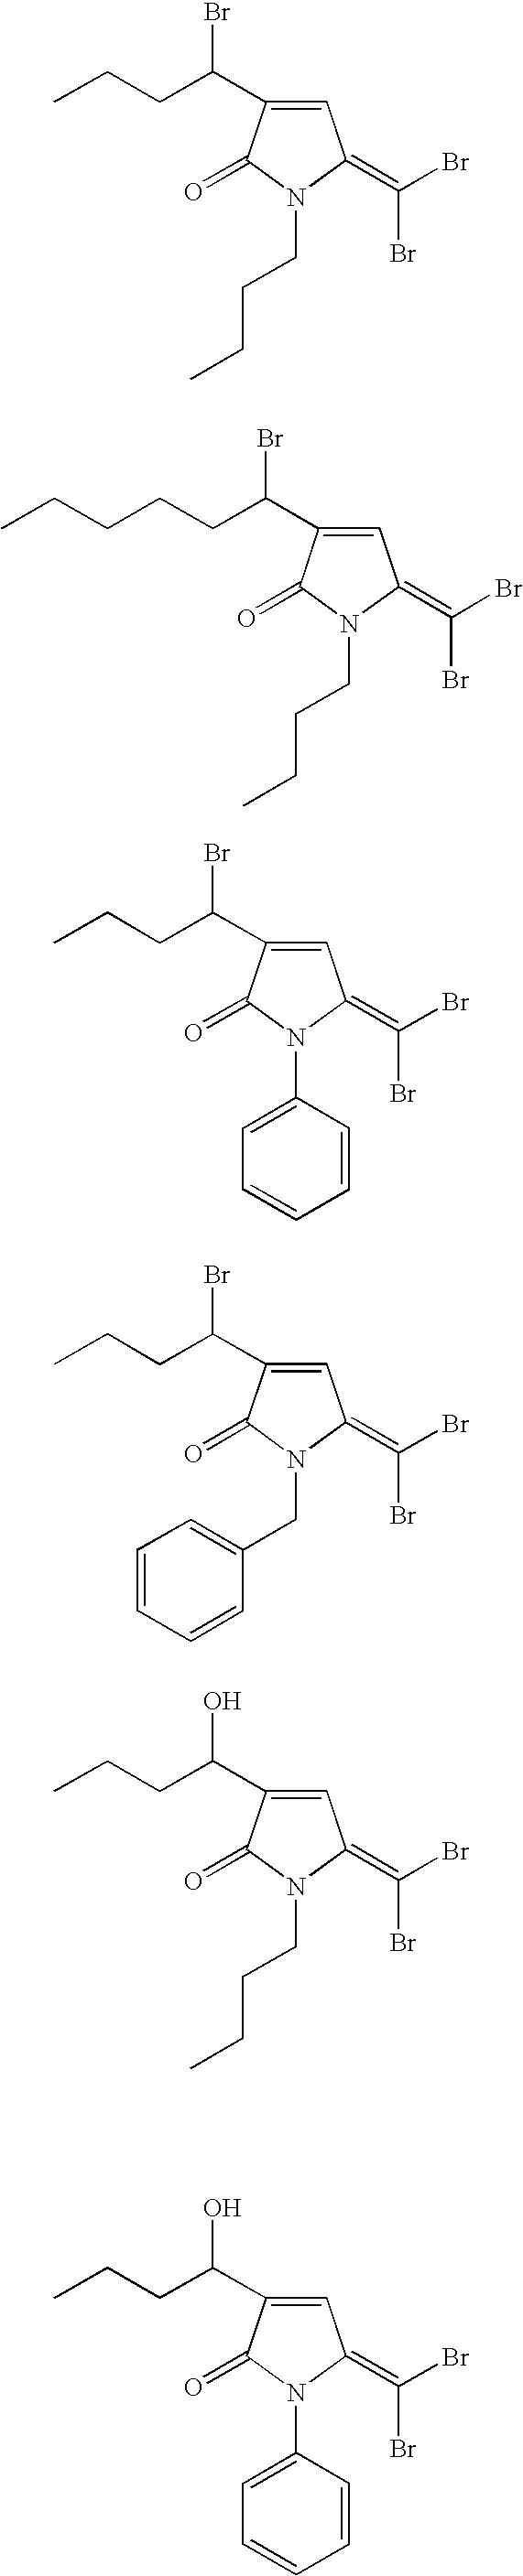 Figure US07923439-20110412-C00022